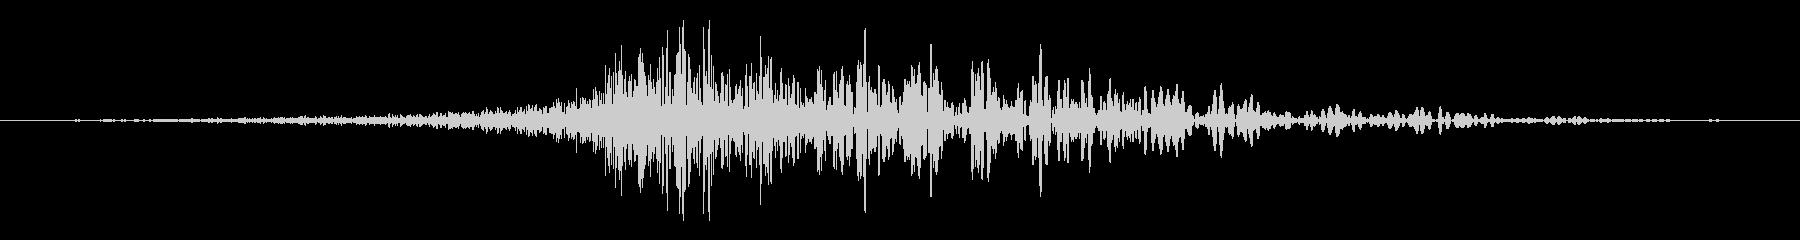 シューッという音EC02_54_3の未再生の波形